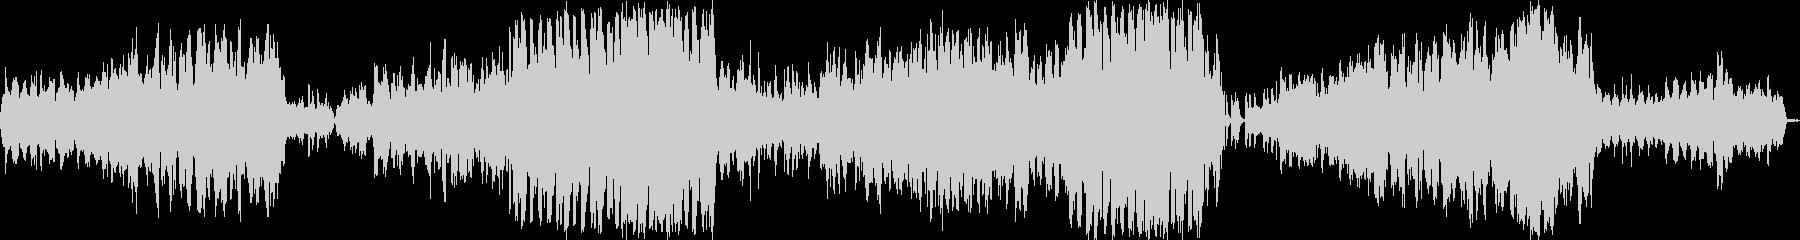 広大な美しい響きの感動的ストリングス音楽の未再生の波形